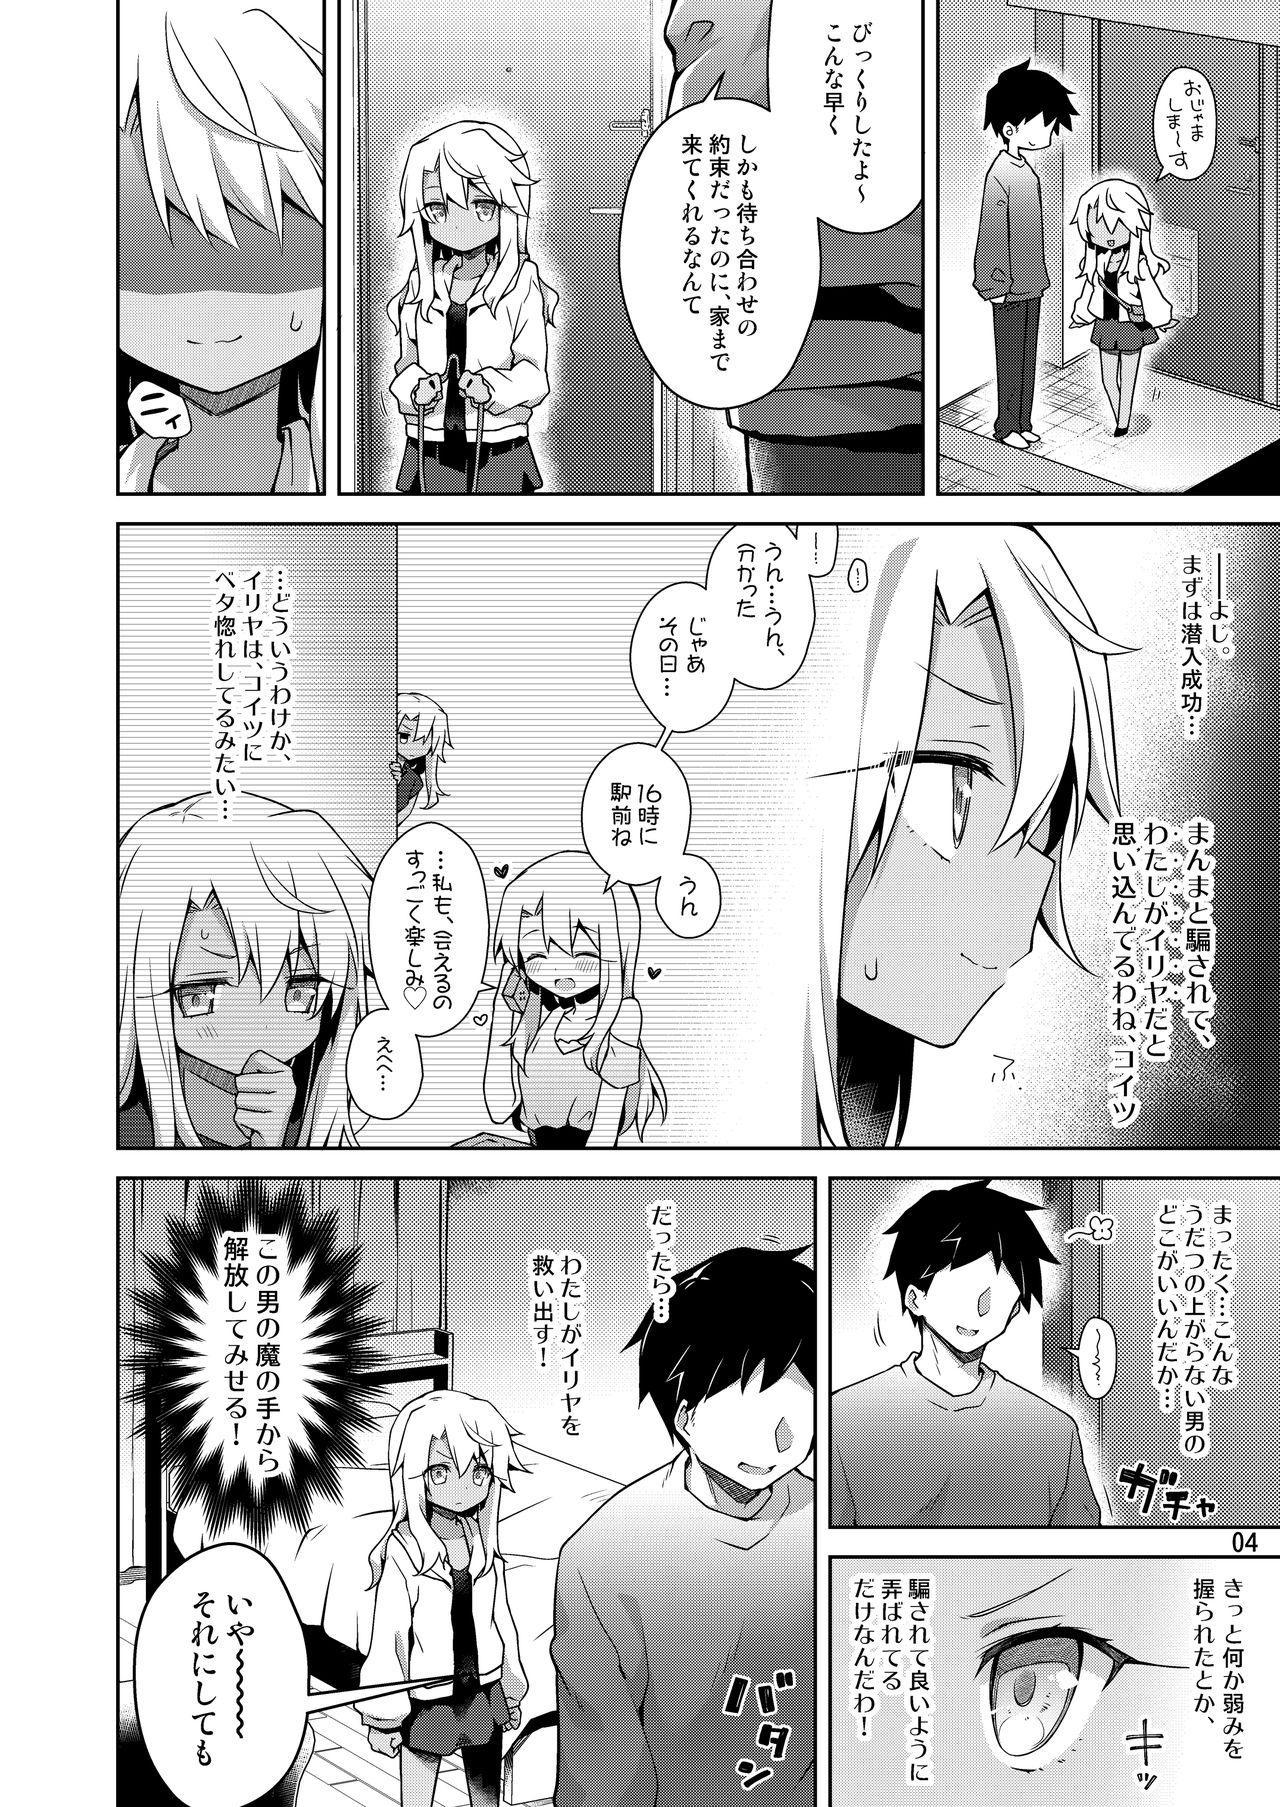 Kuro ga Illya no Furi shite Ecchi suru Hon 4